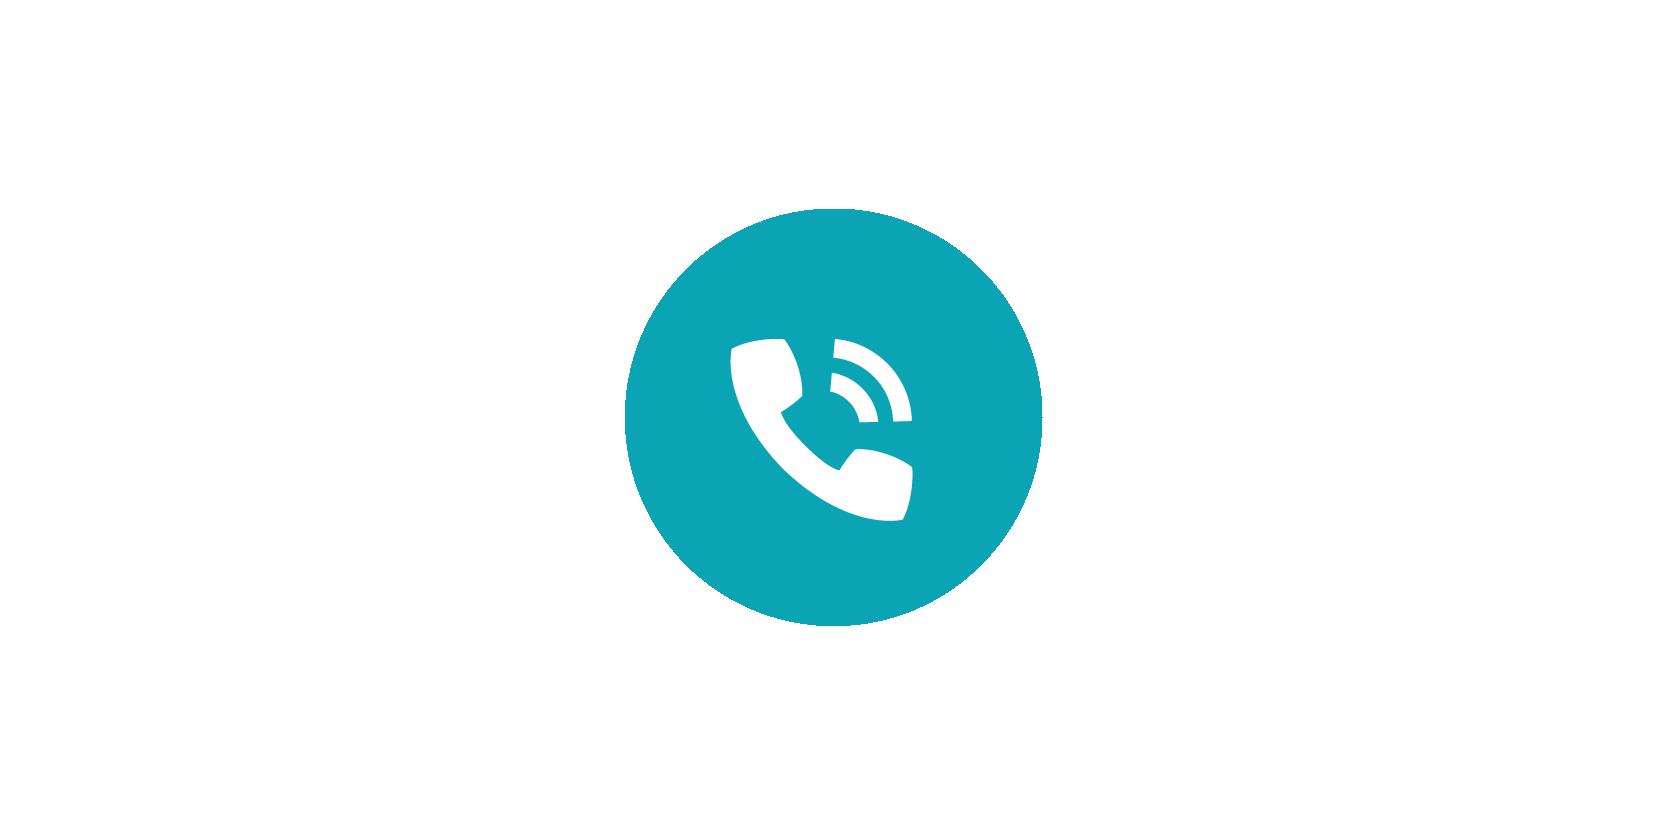 icons2-phone